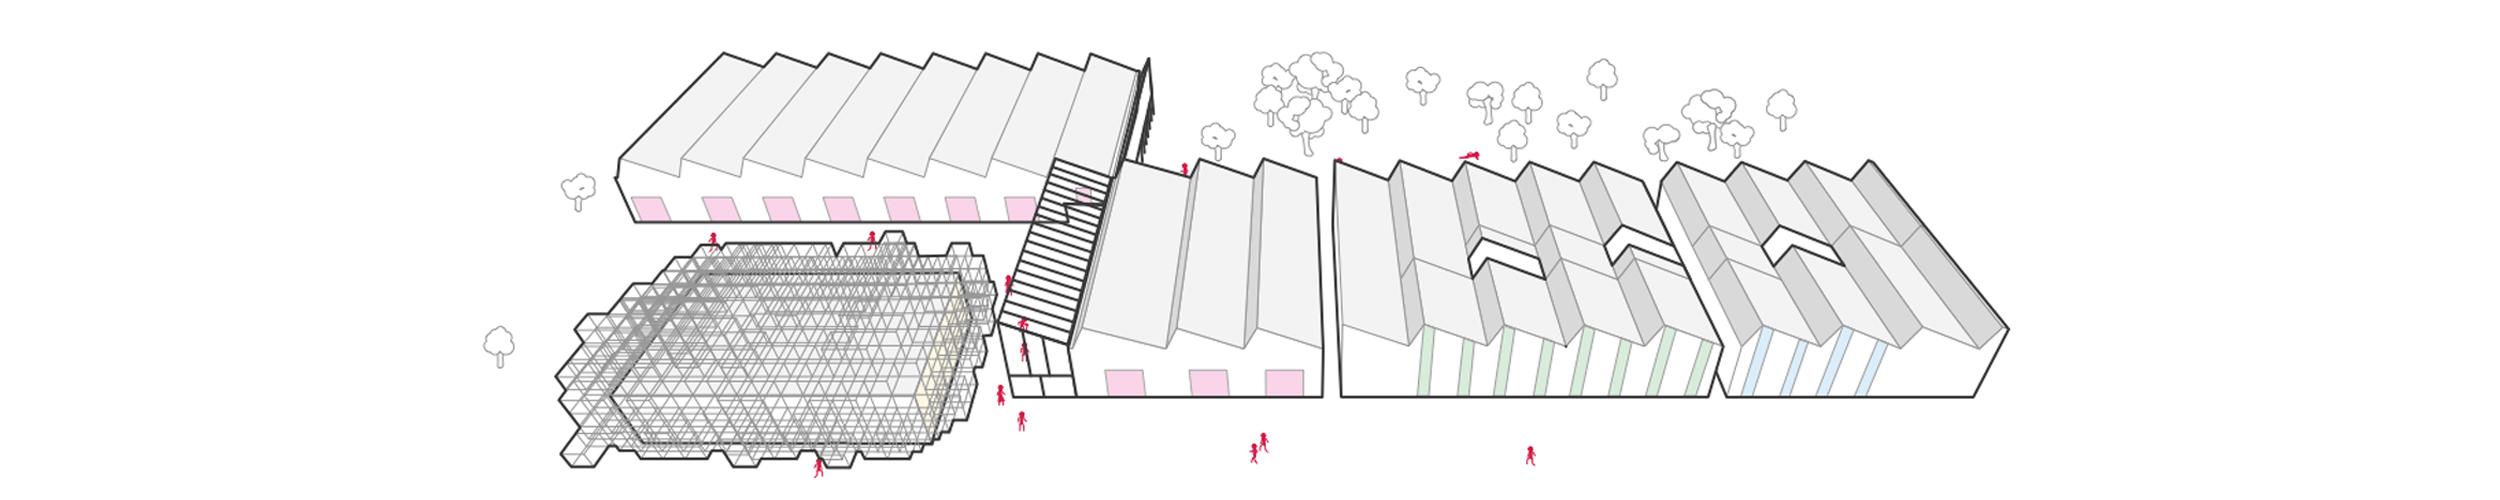 gli edifici di Fondazione Golinelli disegnati da noi